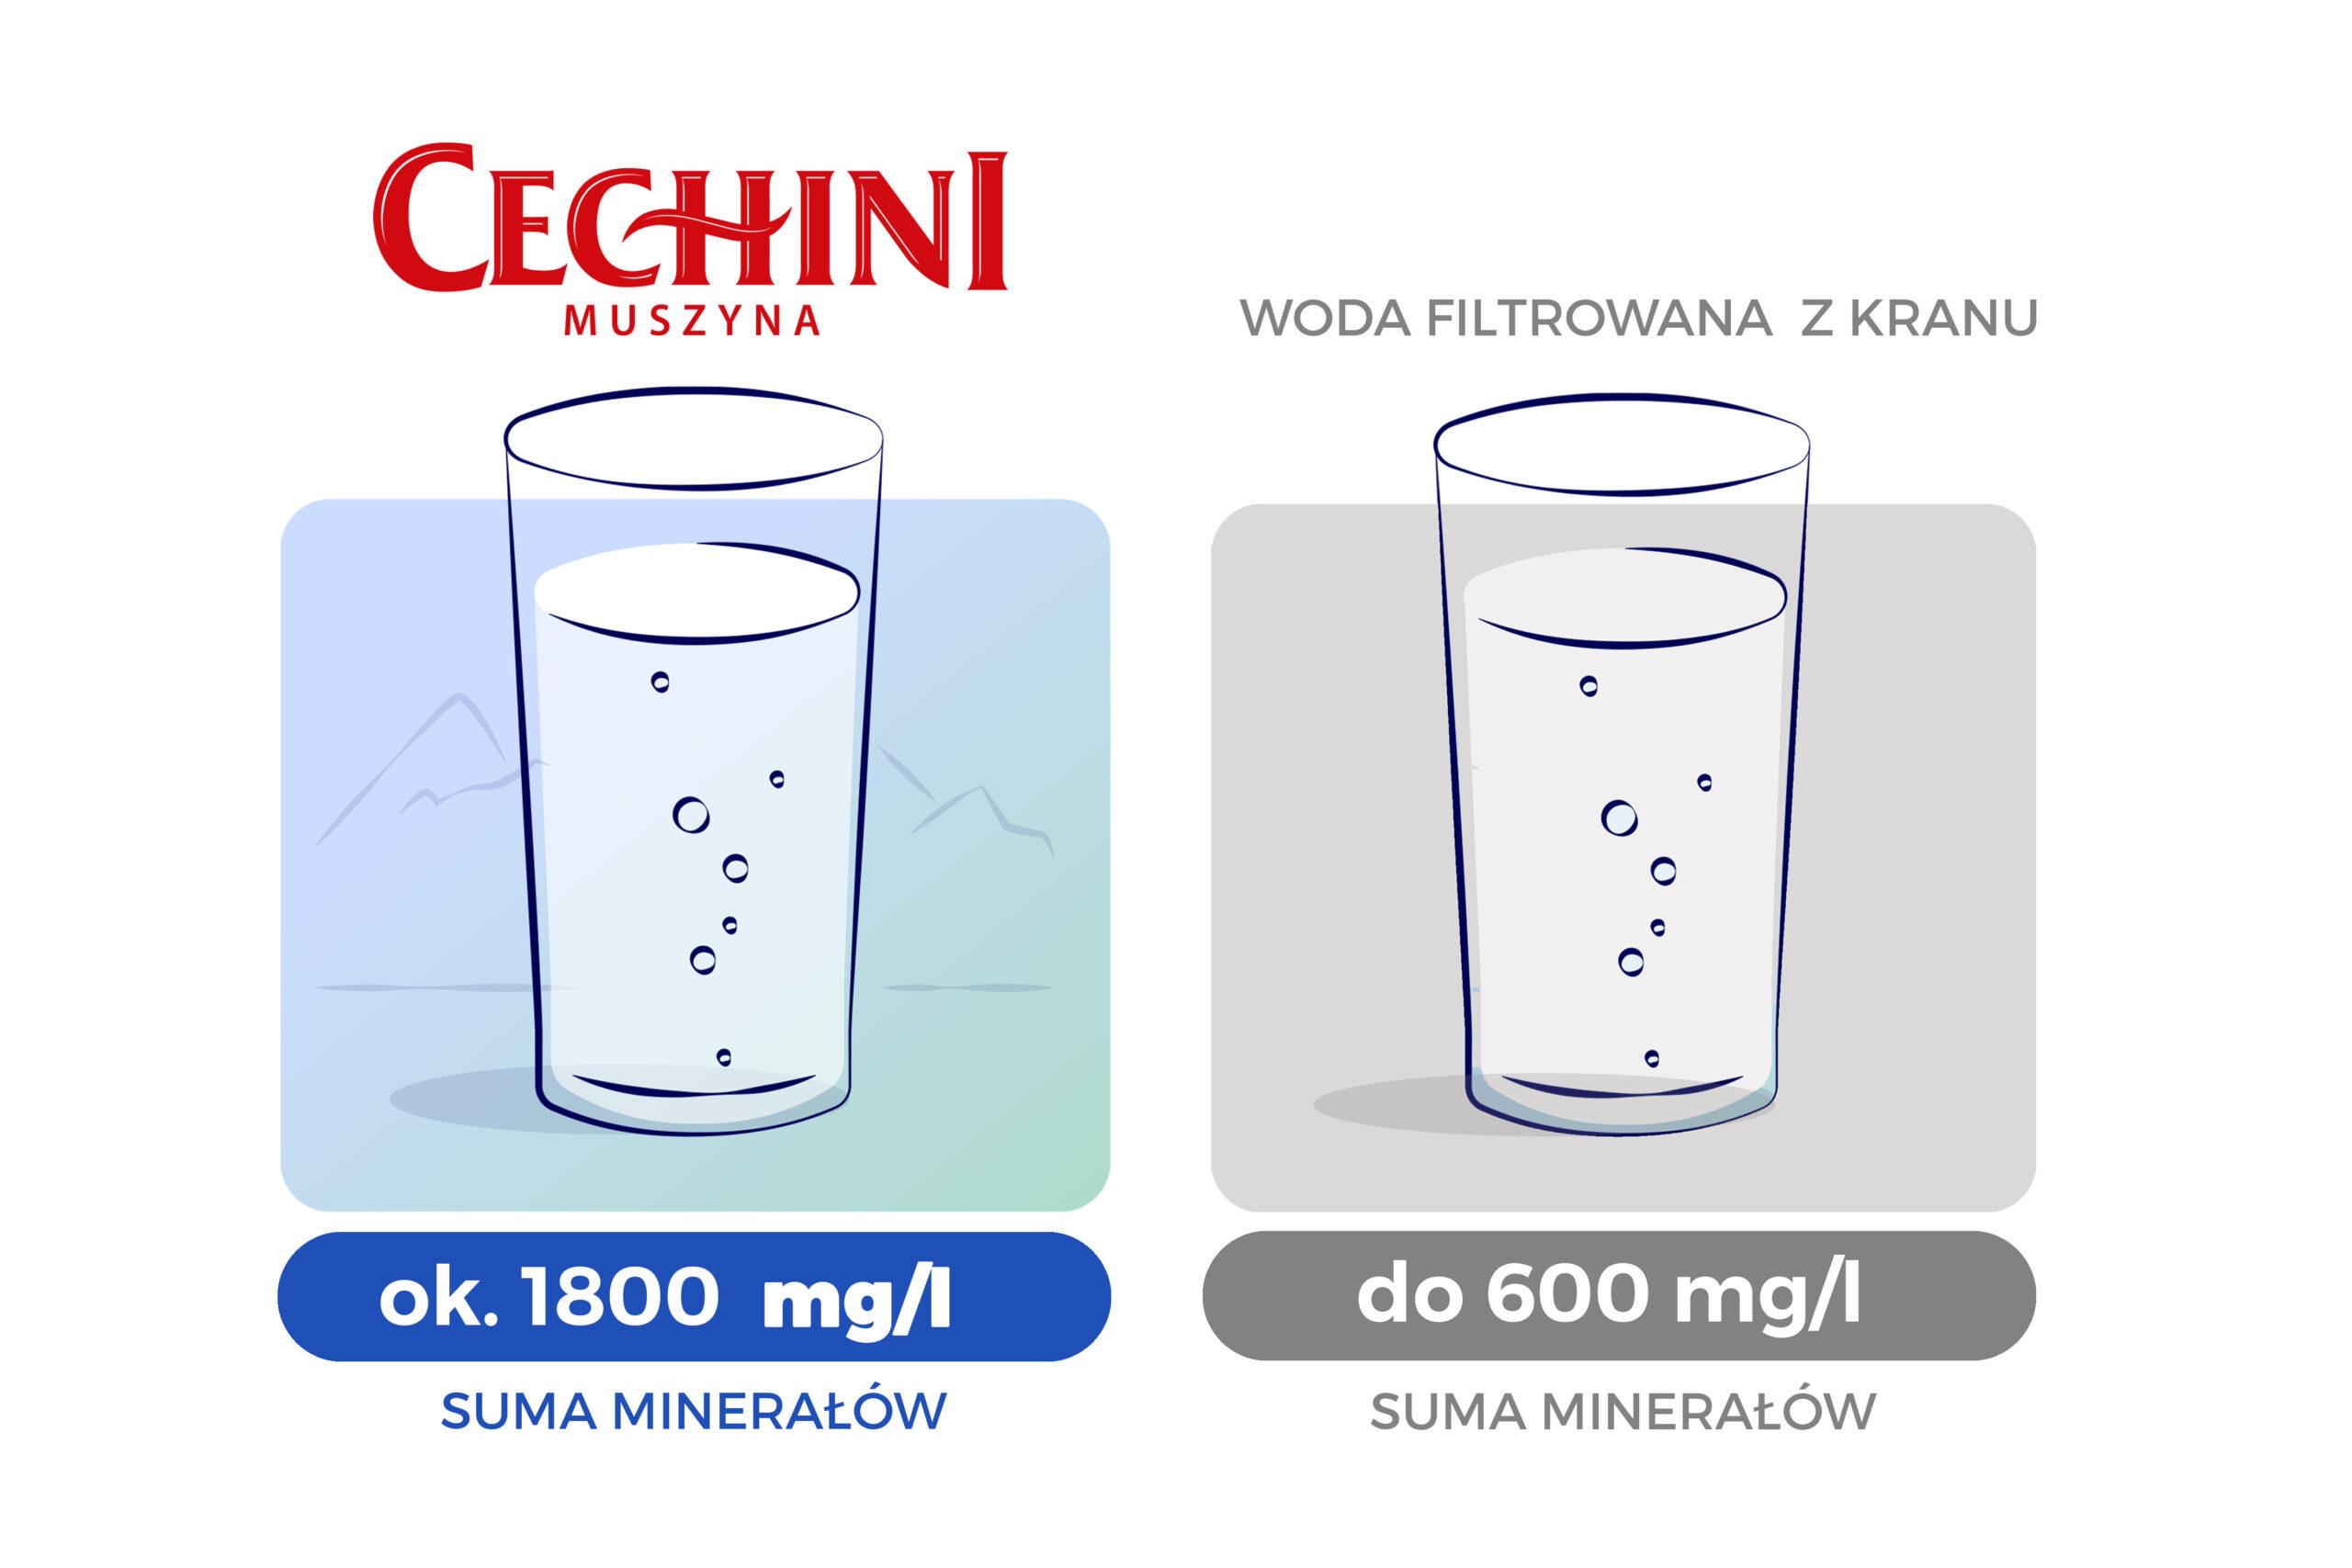 Cechini muszyna vs woda kranowa